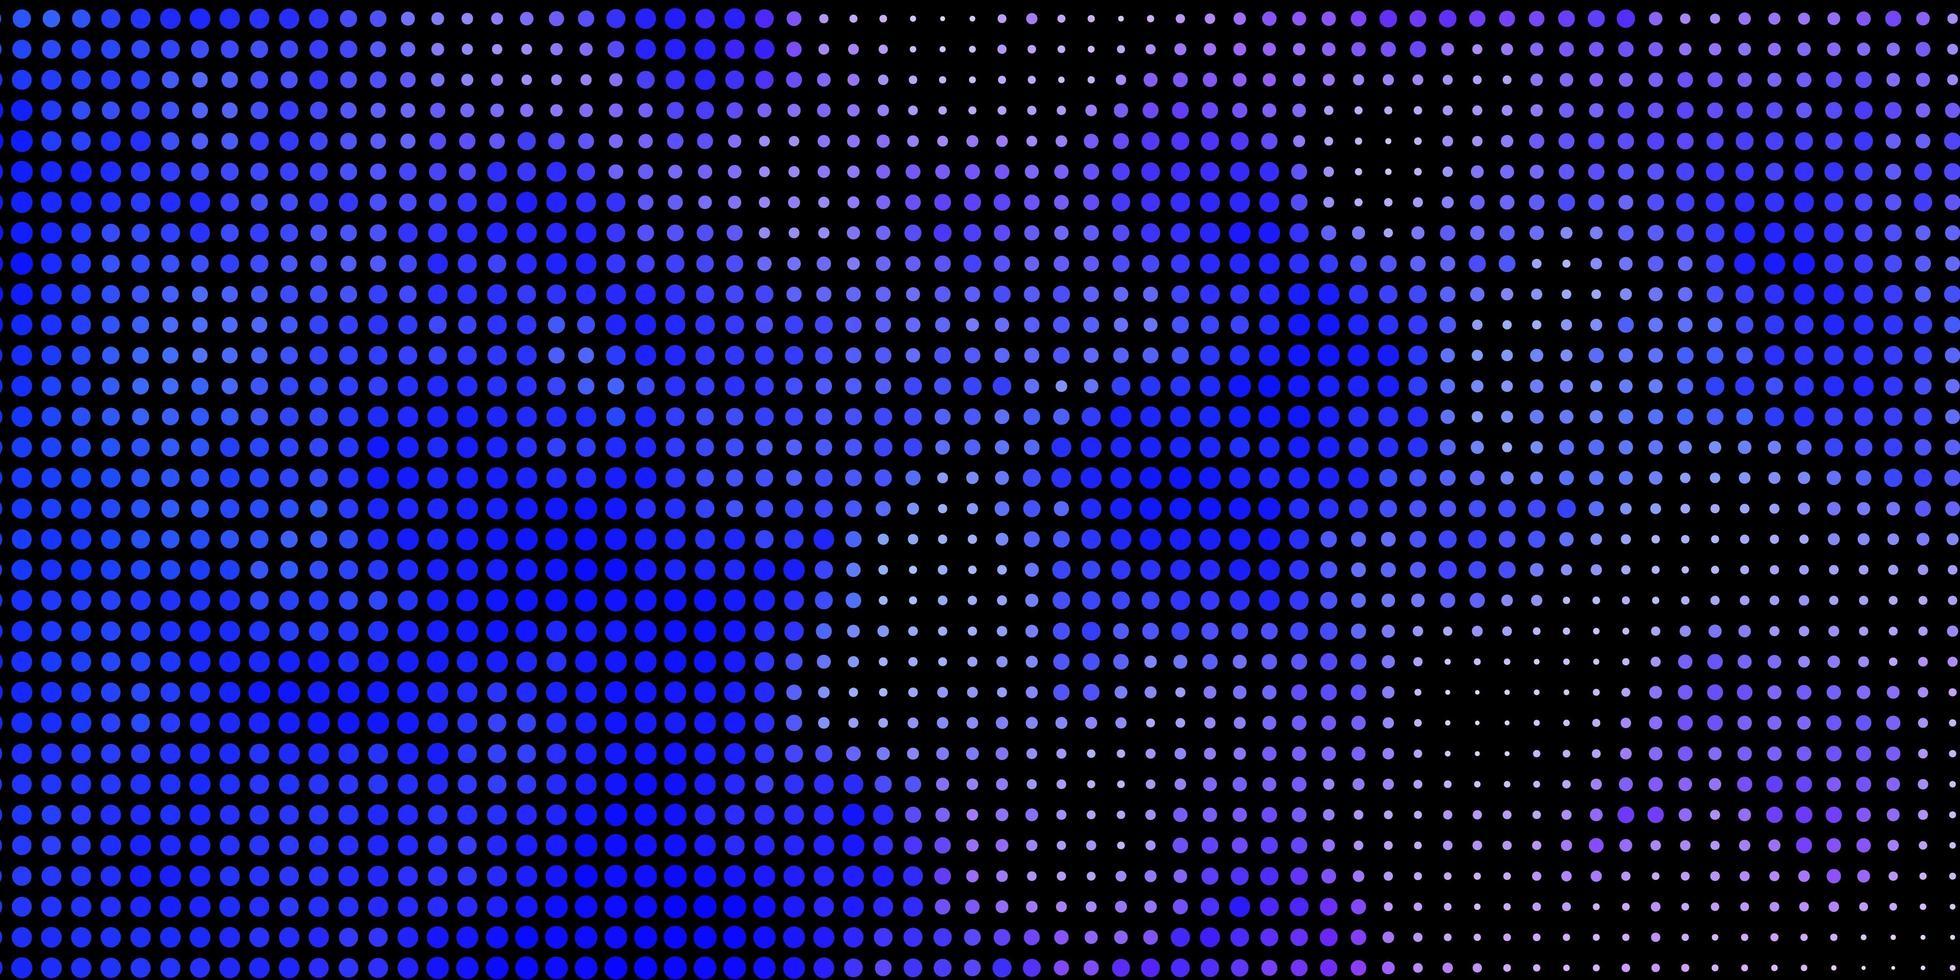 blauer Hintergrund mit Punkten. vektor